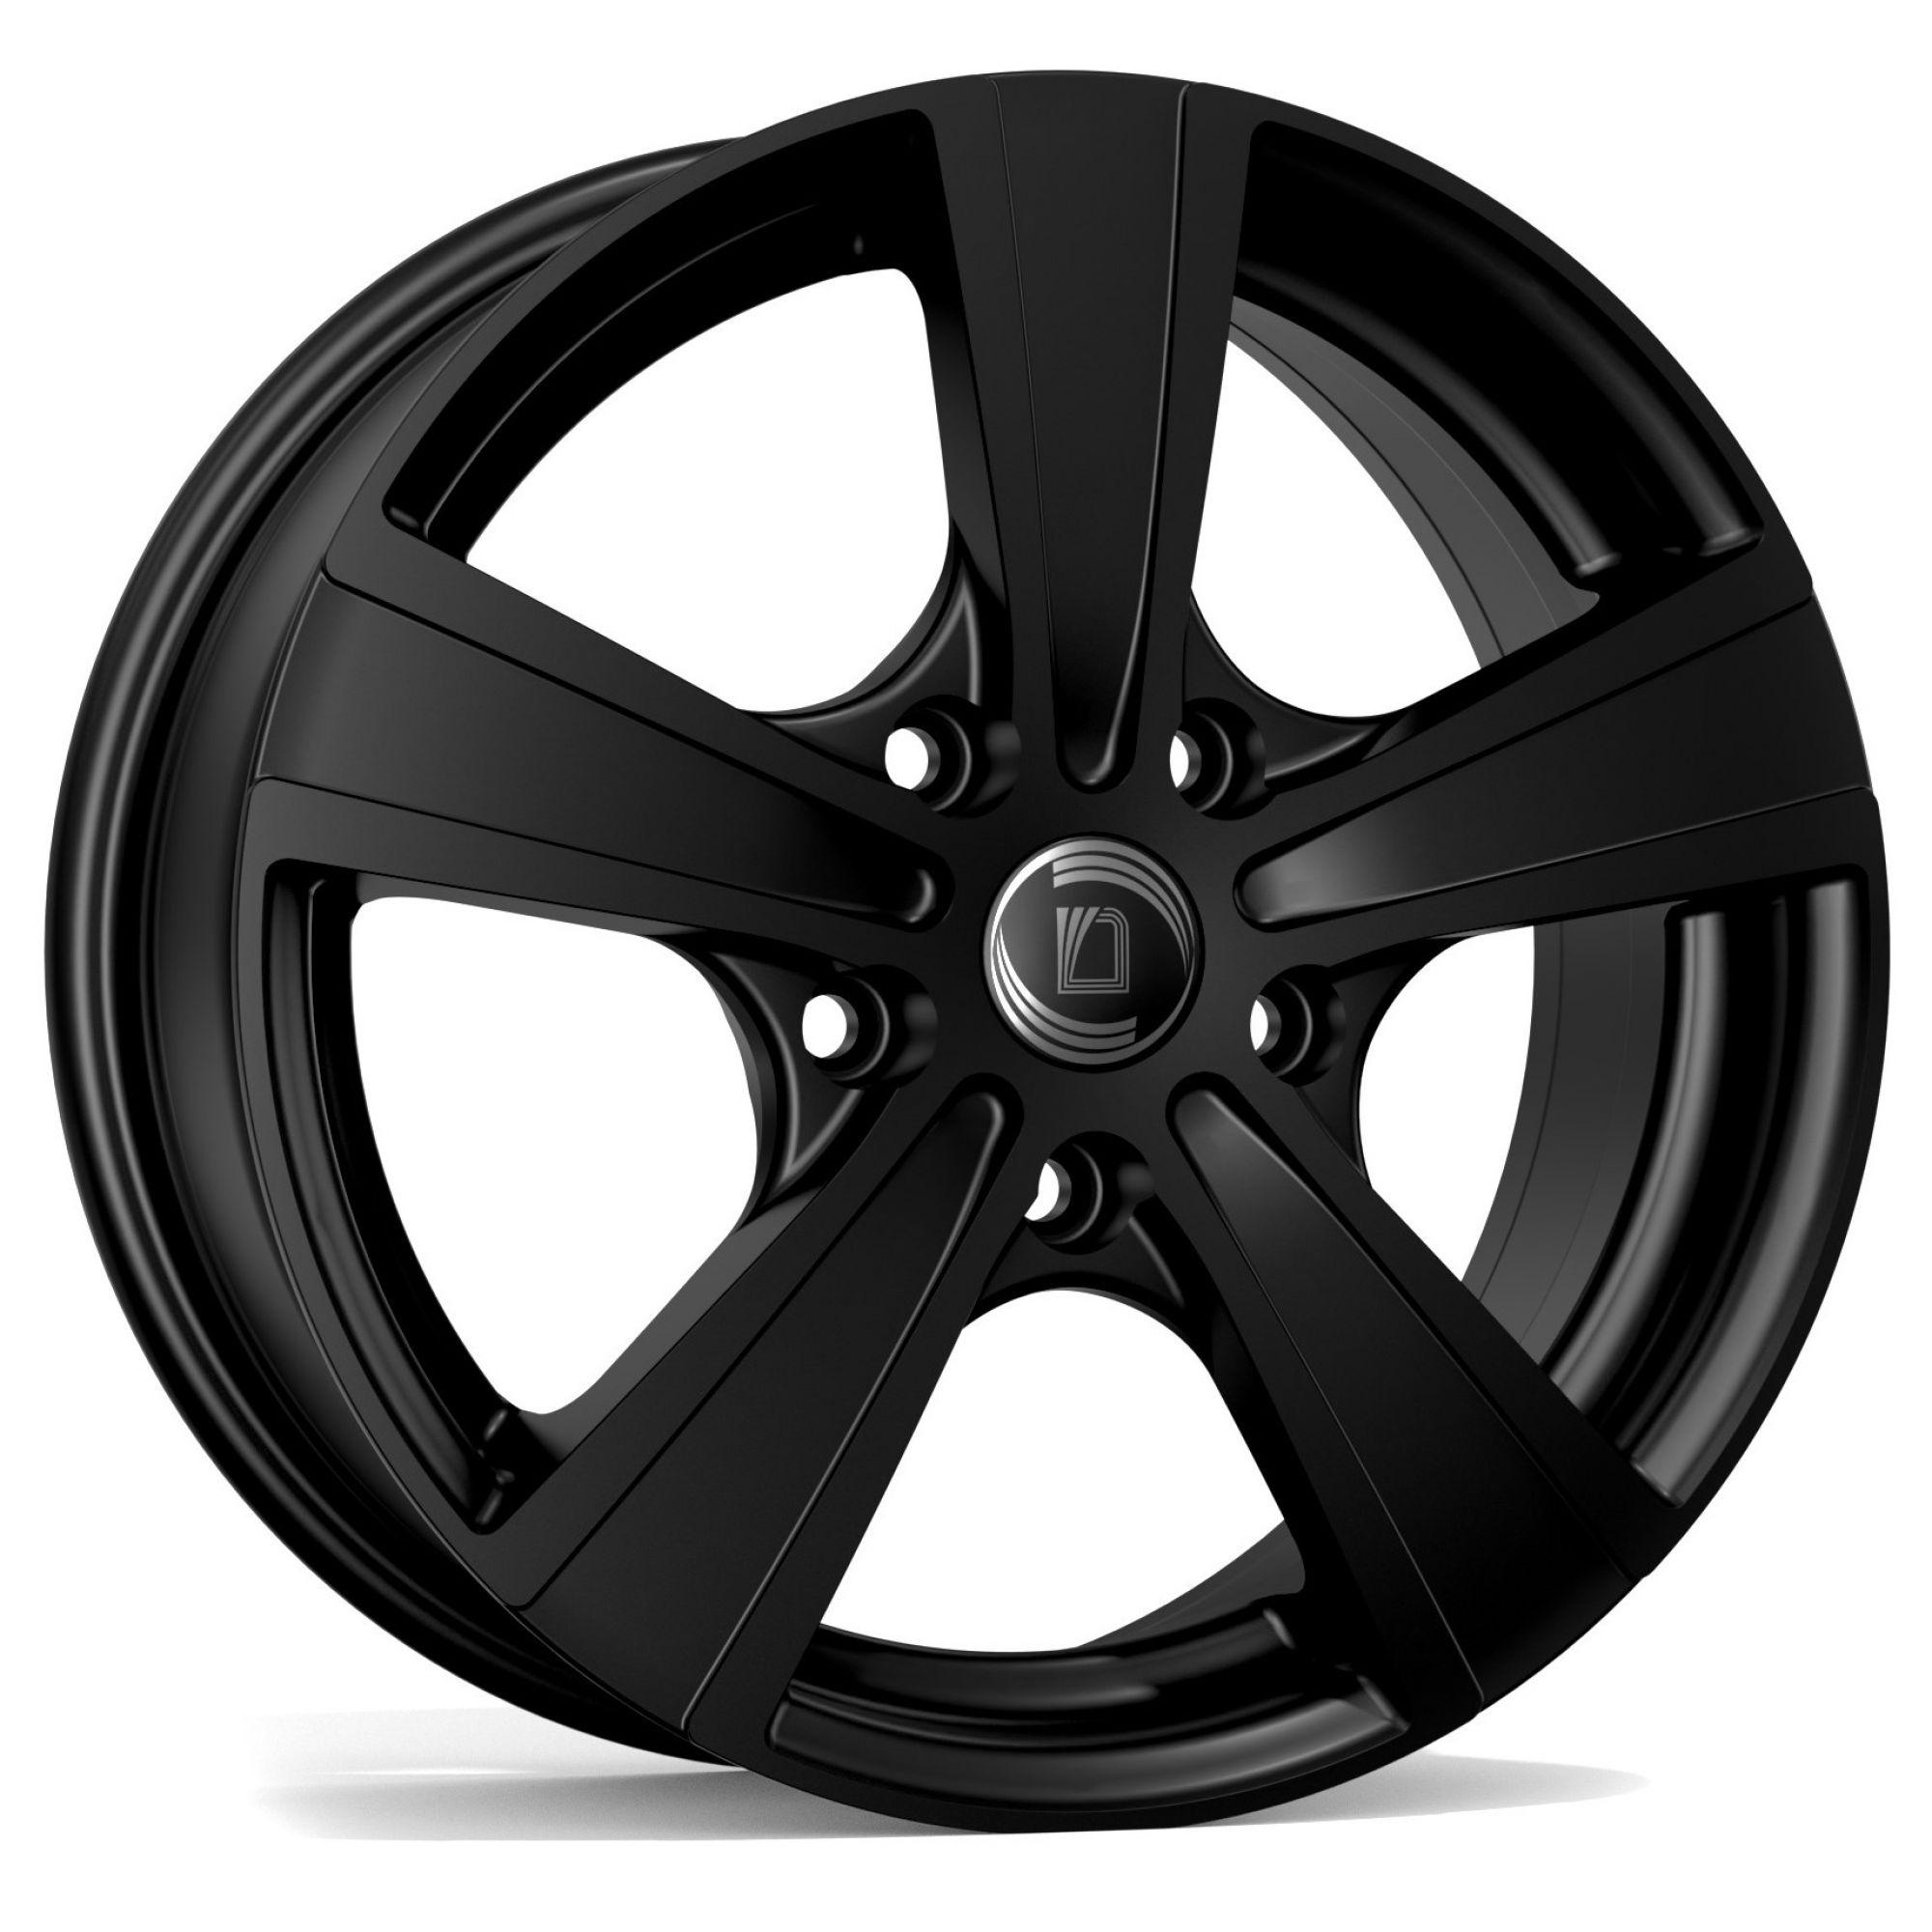 diewe wheels matto felgen nero grau schwarz in 15 zoll. Black Bedroom Furniture Sets. Home Design Ideas